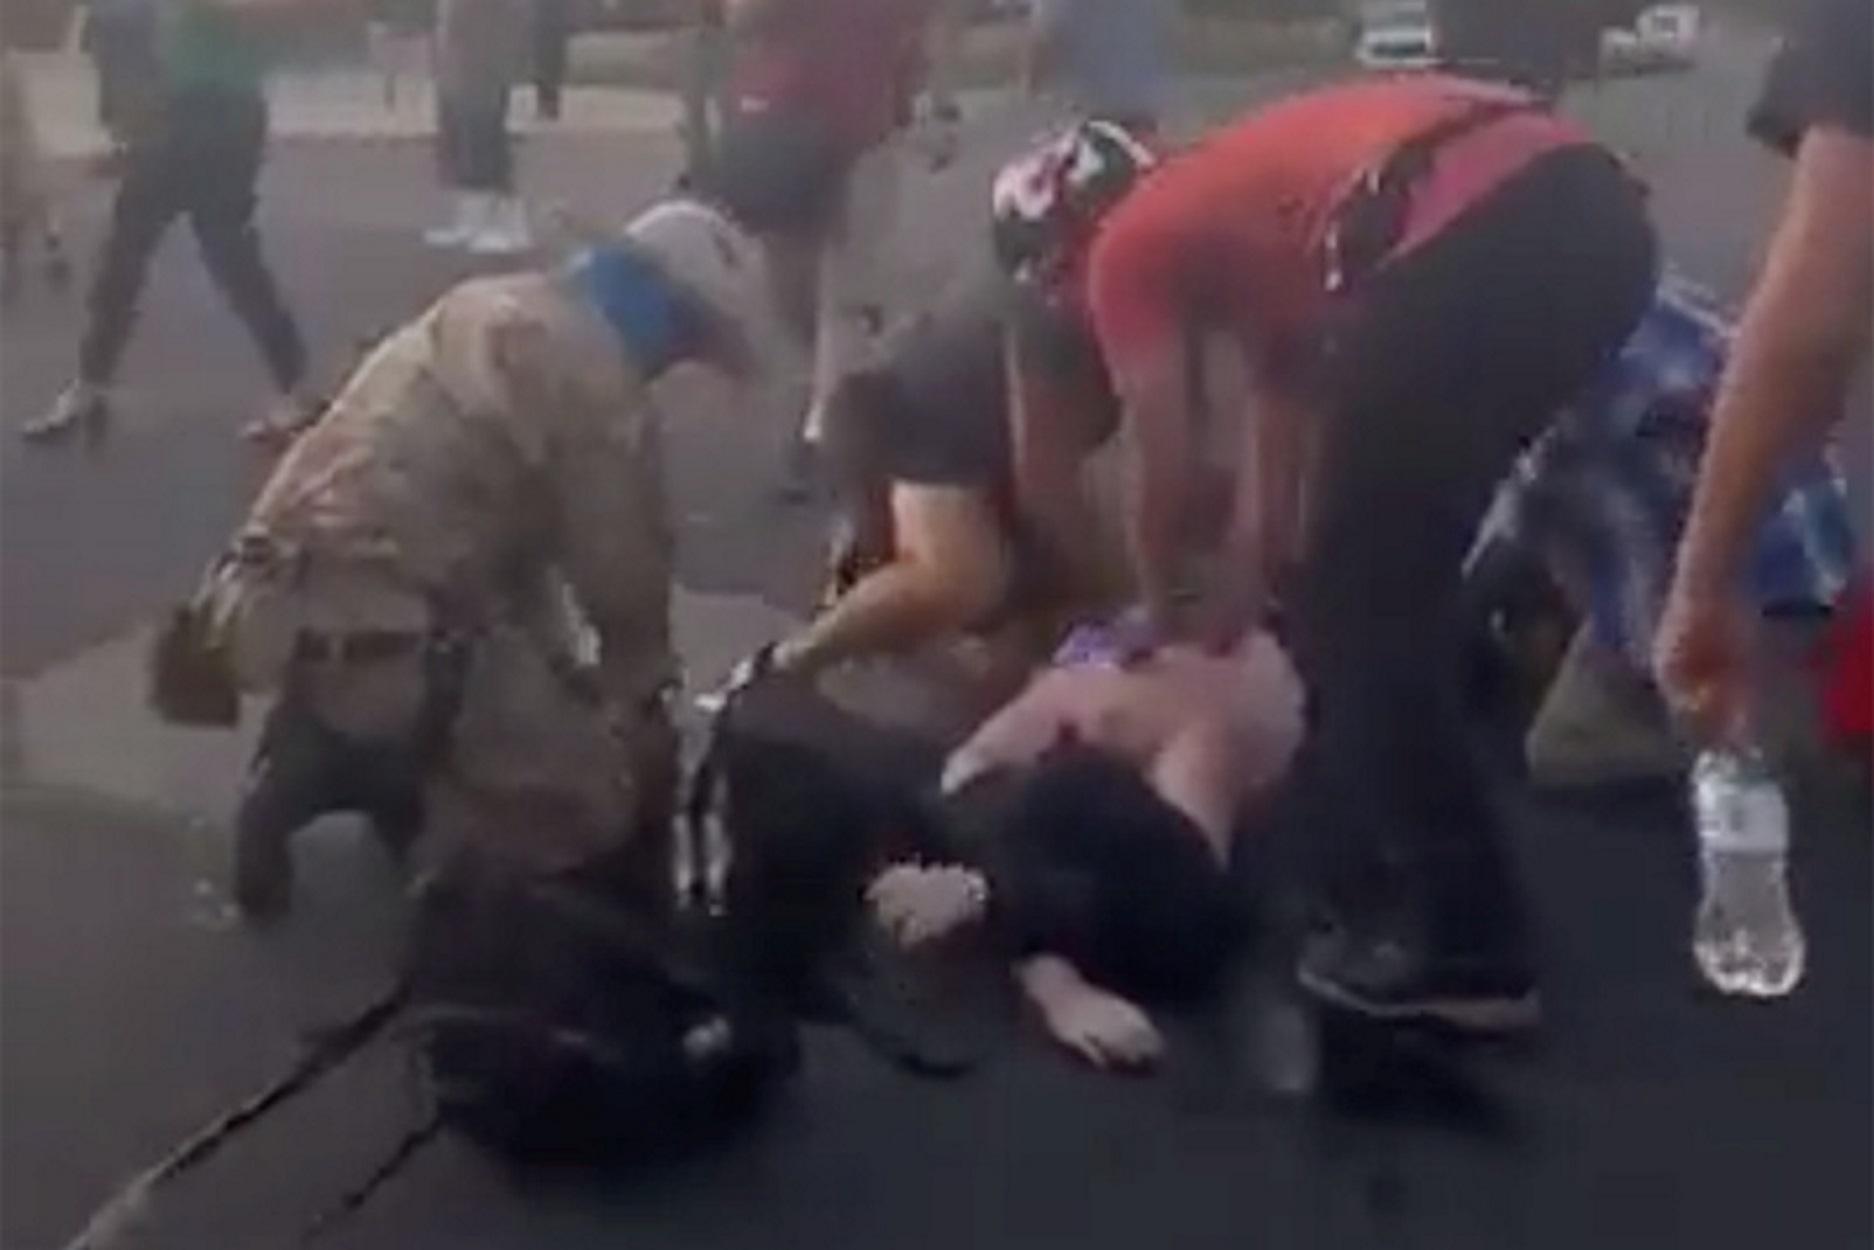 Νέο Μεξικό – ΗΠΑ: Ακροδεξιοί πυροβόλησαν αντιρατσιστή διαδηλωτή (pics, video)